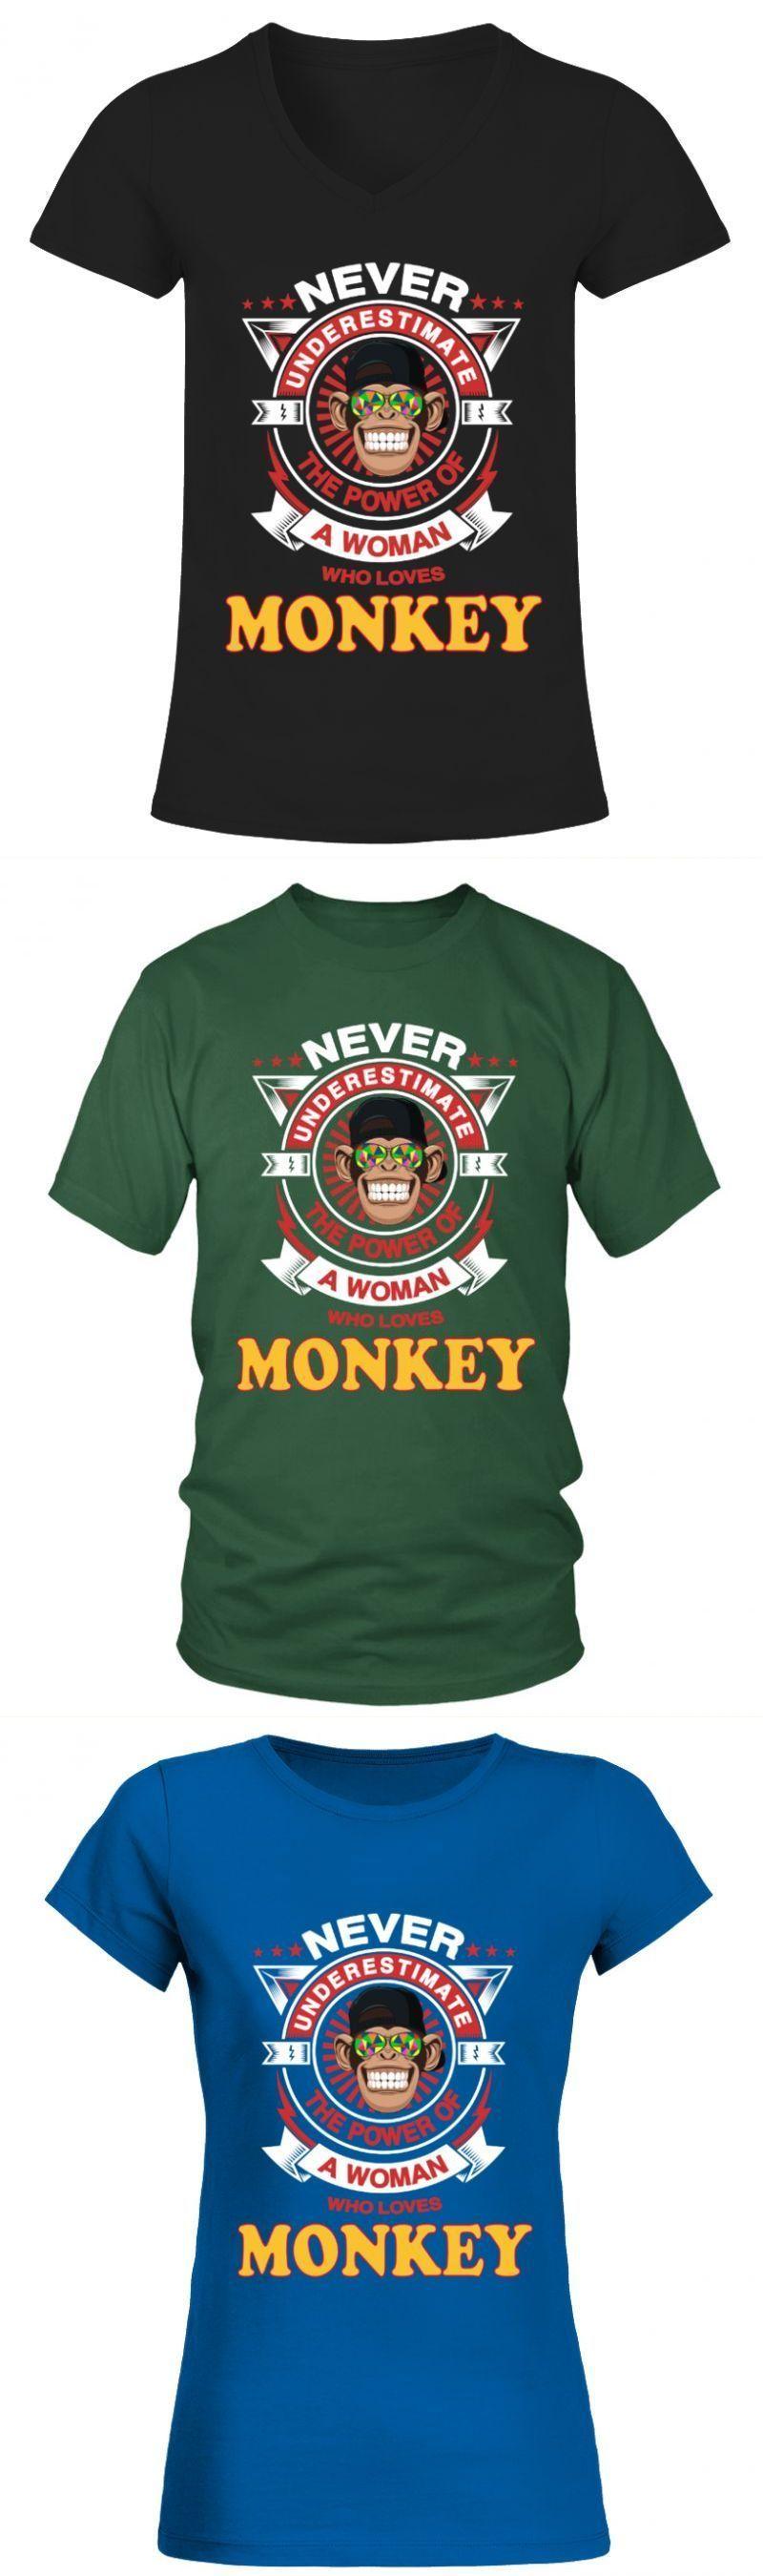 Gas monkey garage t shirt monkey animals lover monkey business t shirt #gasmonkeygarage Gas monkey garage t shirt monkey animals lover monkey business t shirt #gas #monkey #garage #shirt #animals #lover #business #arctic #monkeys #v-neck #t-shirt #woman #round #neck #unisex #gasmonkeygarage